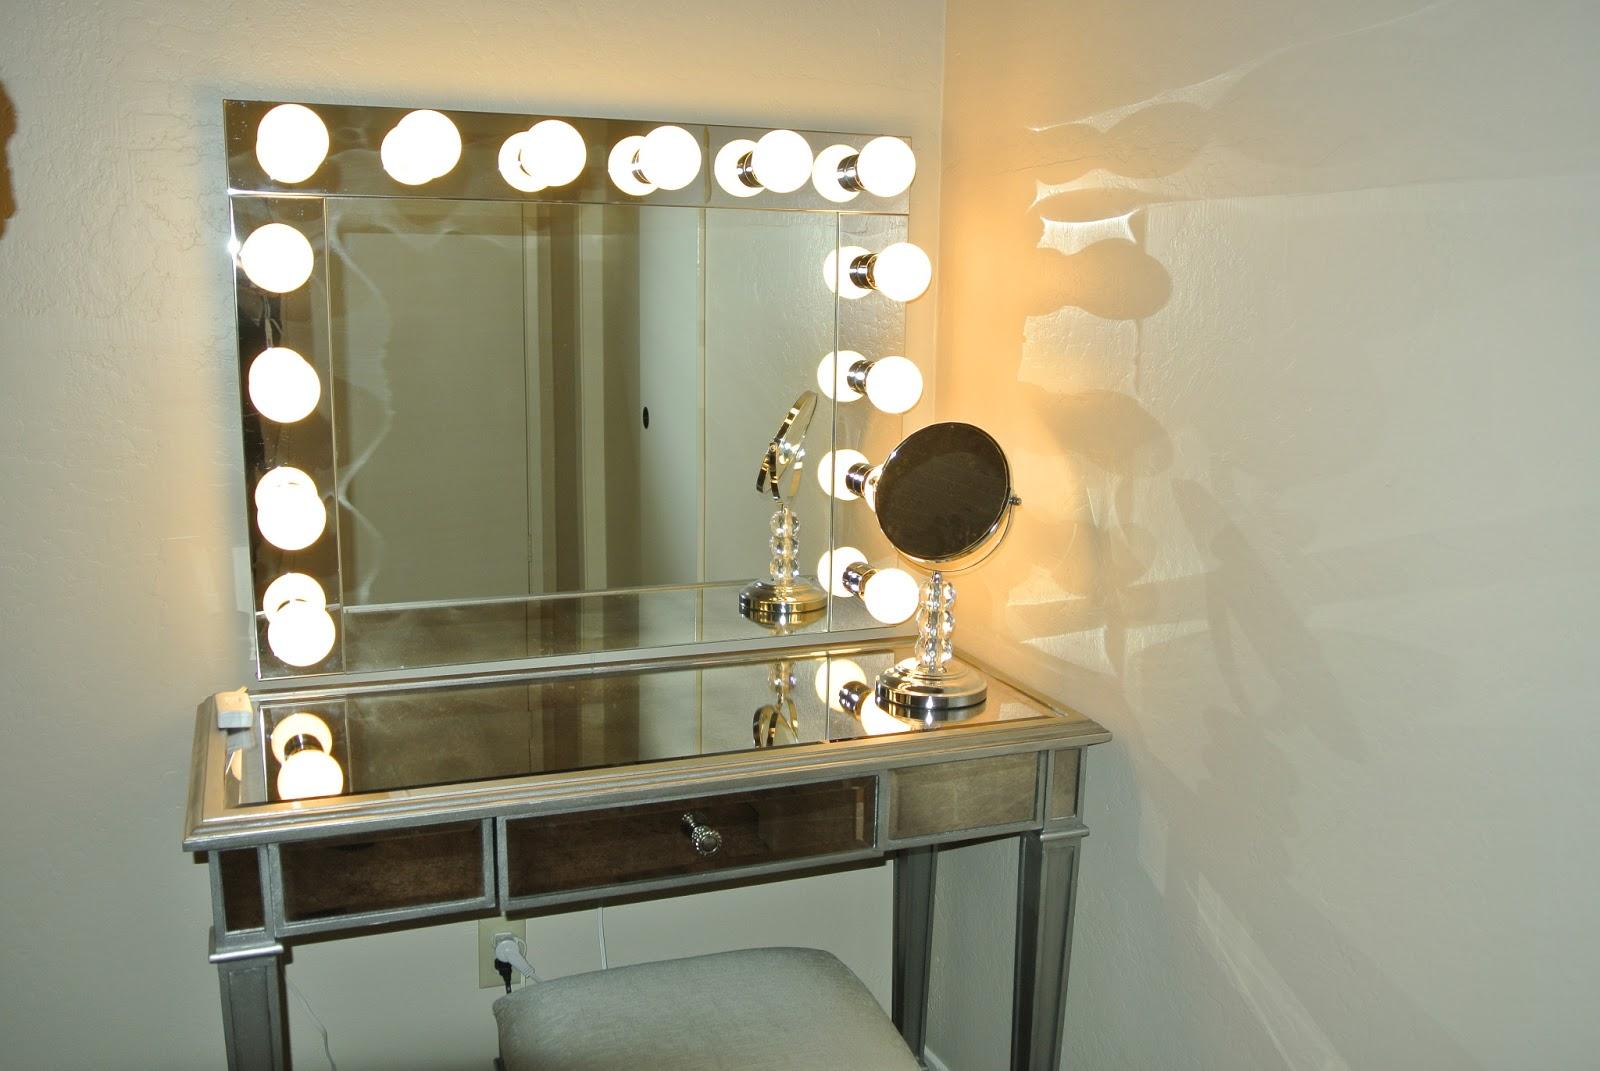 Гримерное зеркало с подсветкой своими руками 5